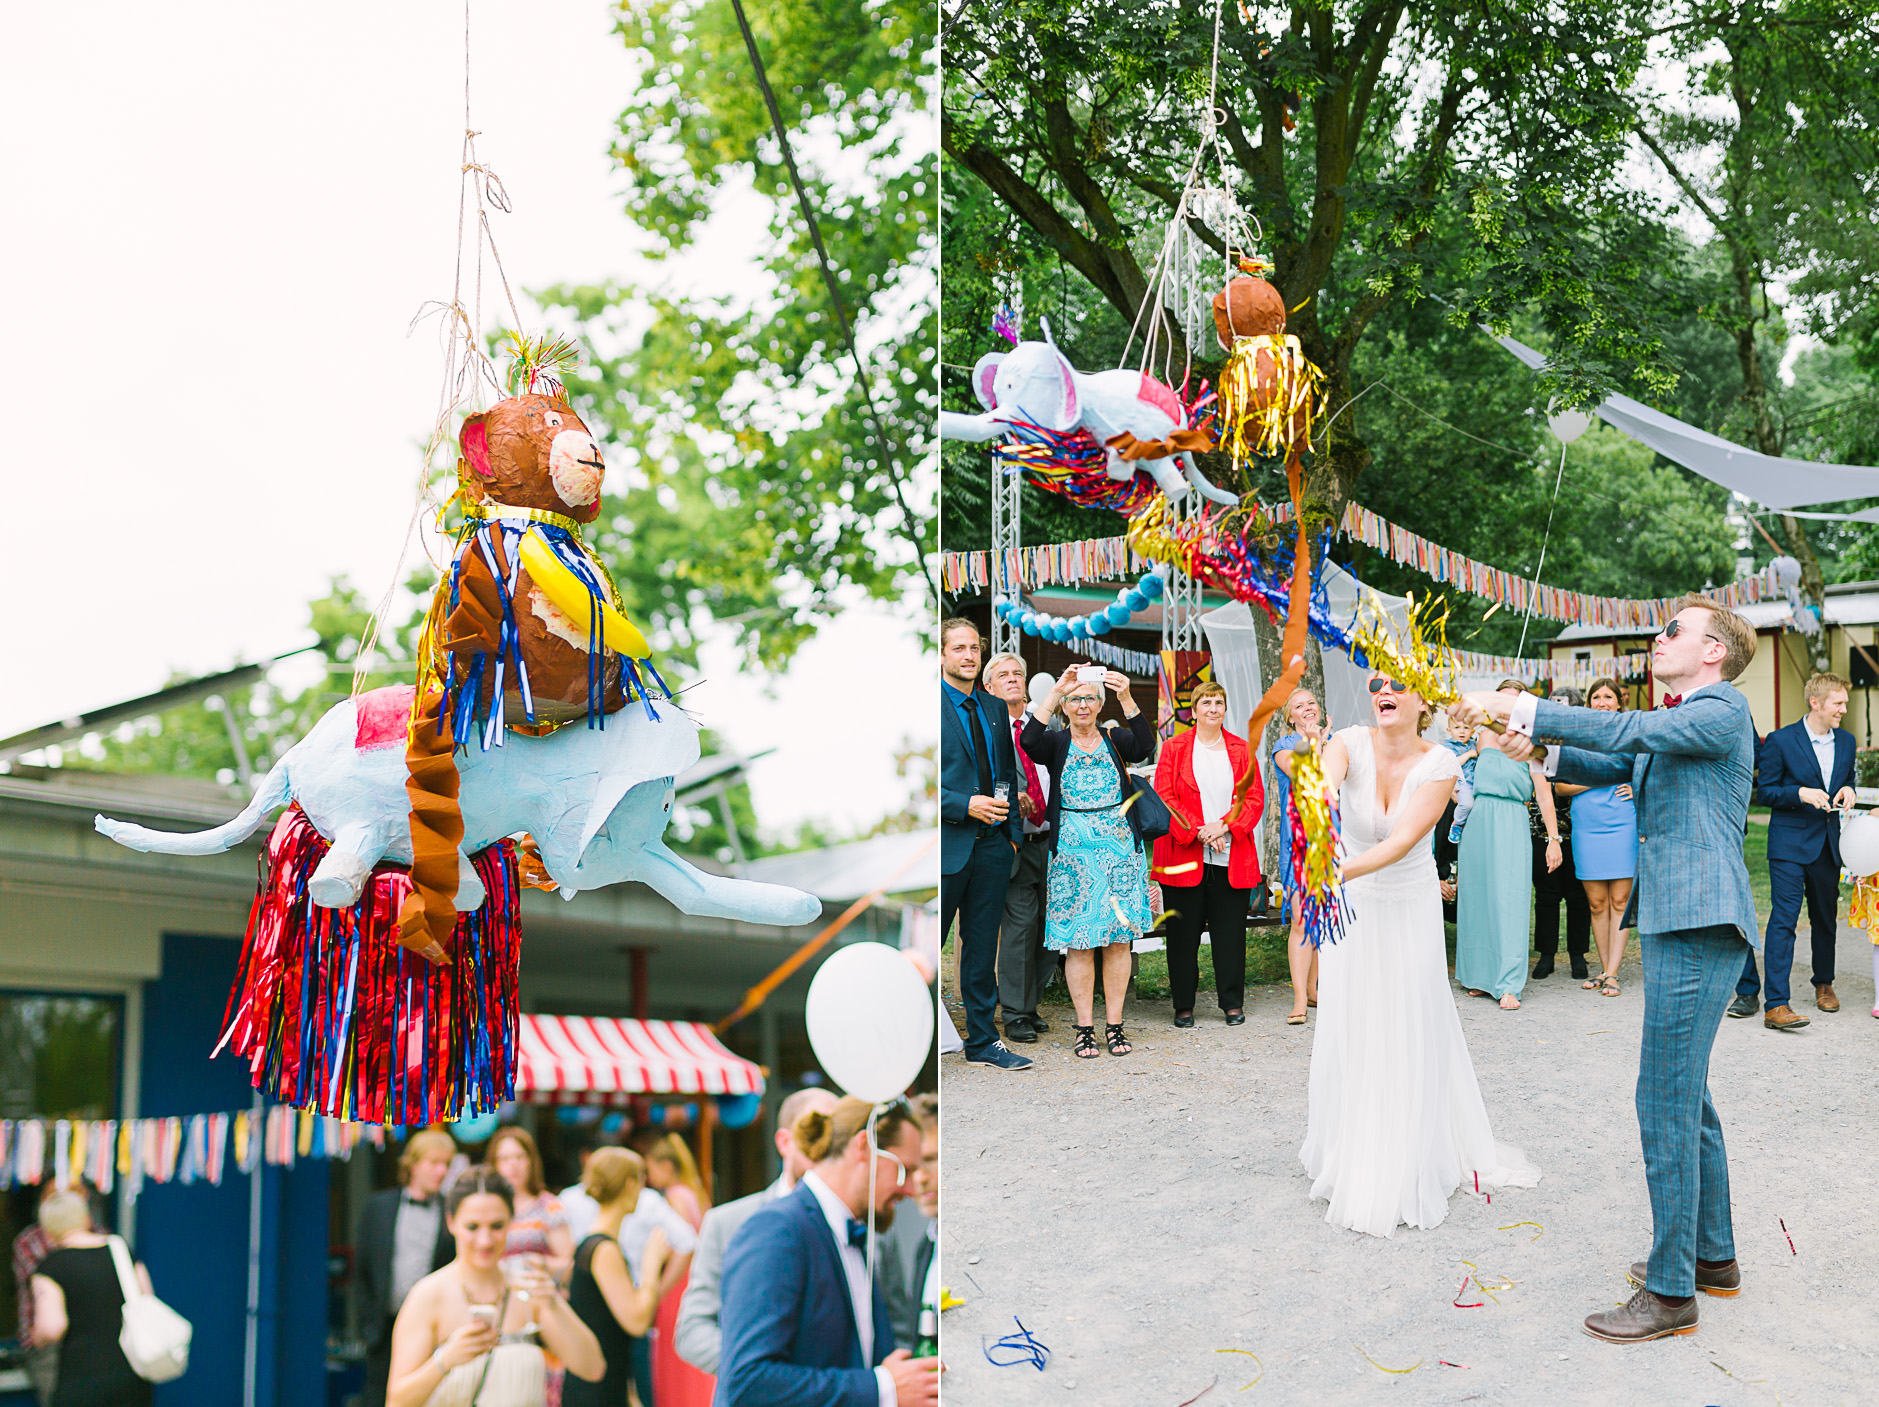 Hochzeitsfotograf Le Hai Linh Koeln Duesseldorf Bonn Zirkushochzeit Vintagehochzeit Sommerhochzeit 106.jpg